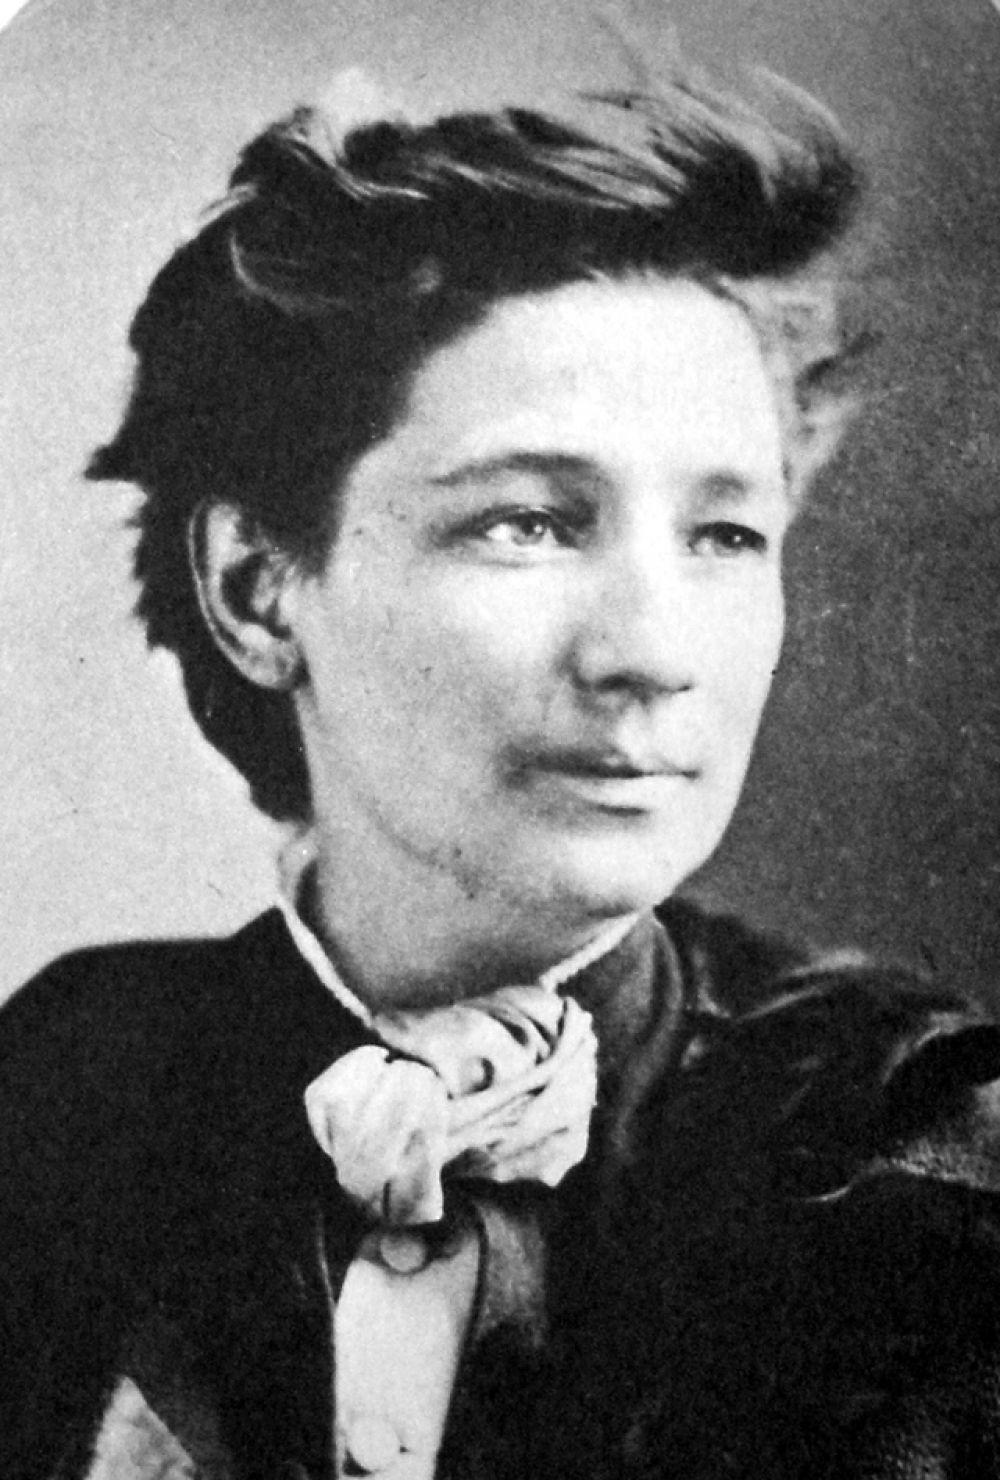 В 1872 году Виктория Вудхулл выступила в качестве кандидата в президенты Соединённых Штатов от Партии равных прав. Кандидатом в вице-президенты был борец за права темнокожего населения Фредерик Дуглас. Вудхулл не получила ни одного голоса, но навсегда осталась в истории как первая женщина – кандидат в президенты.